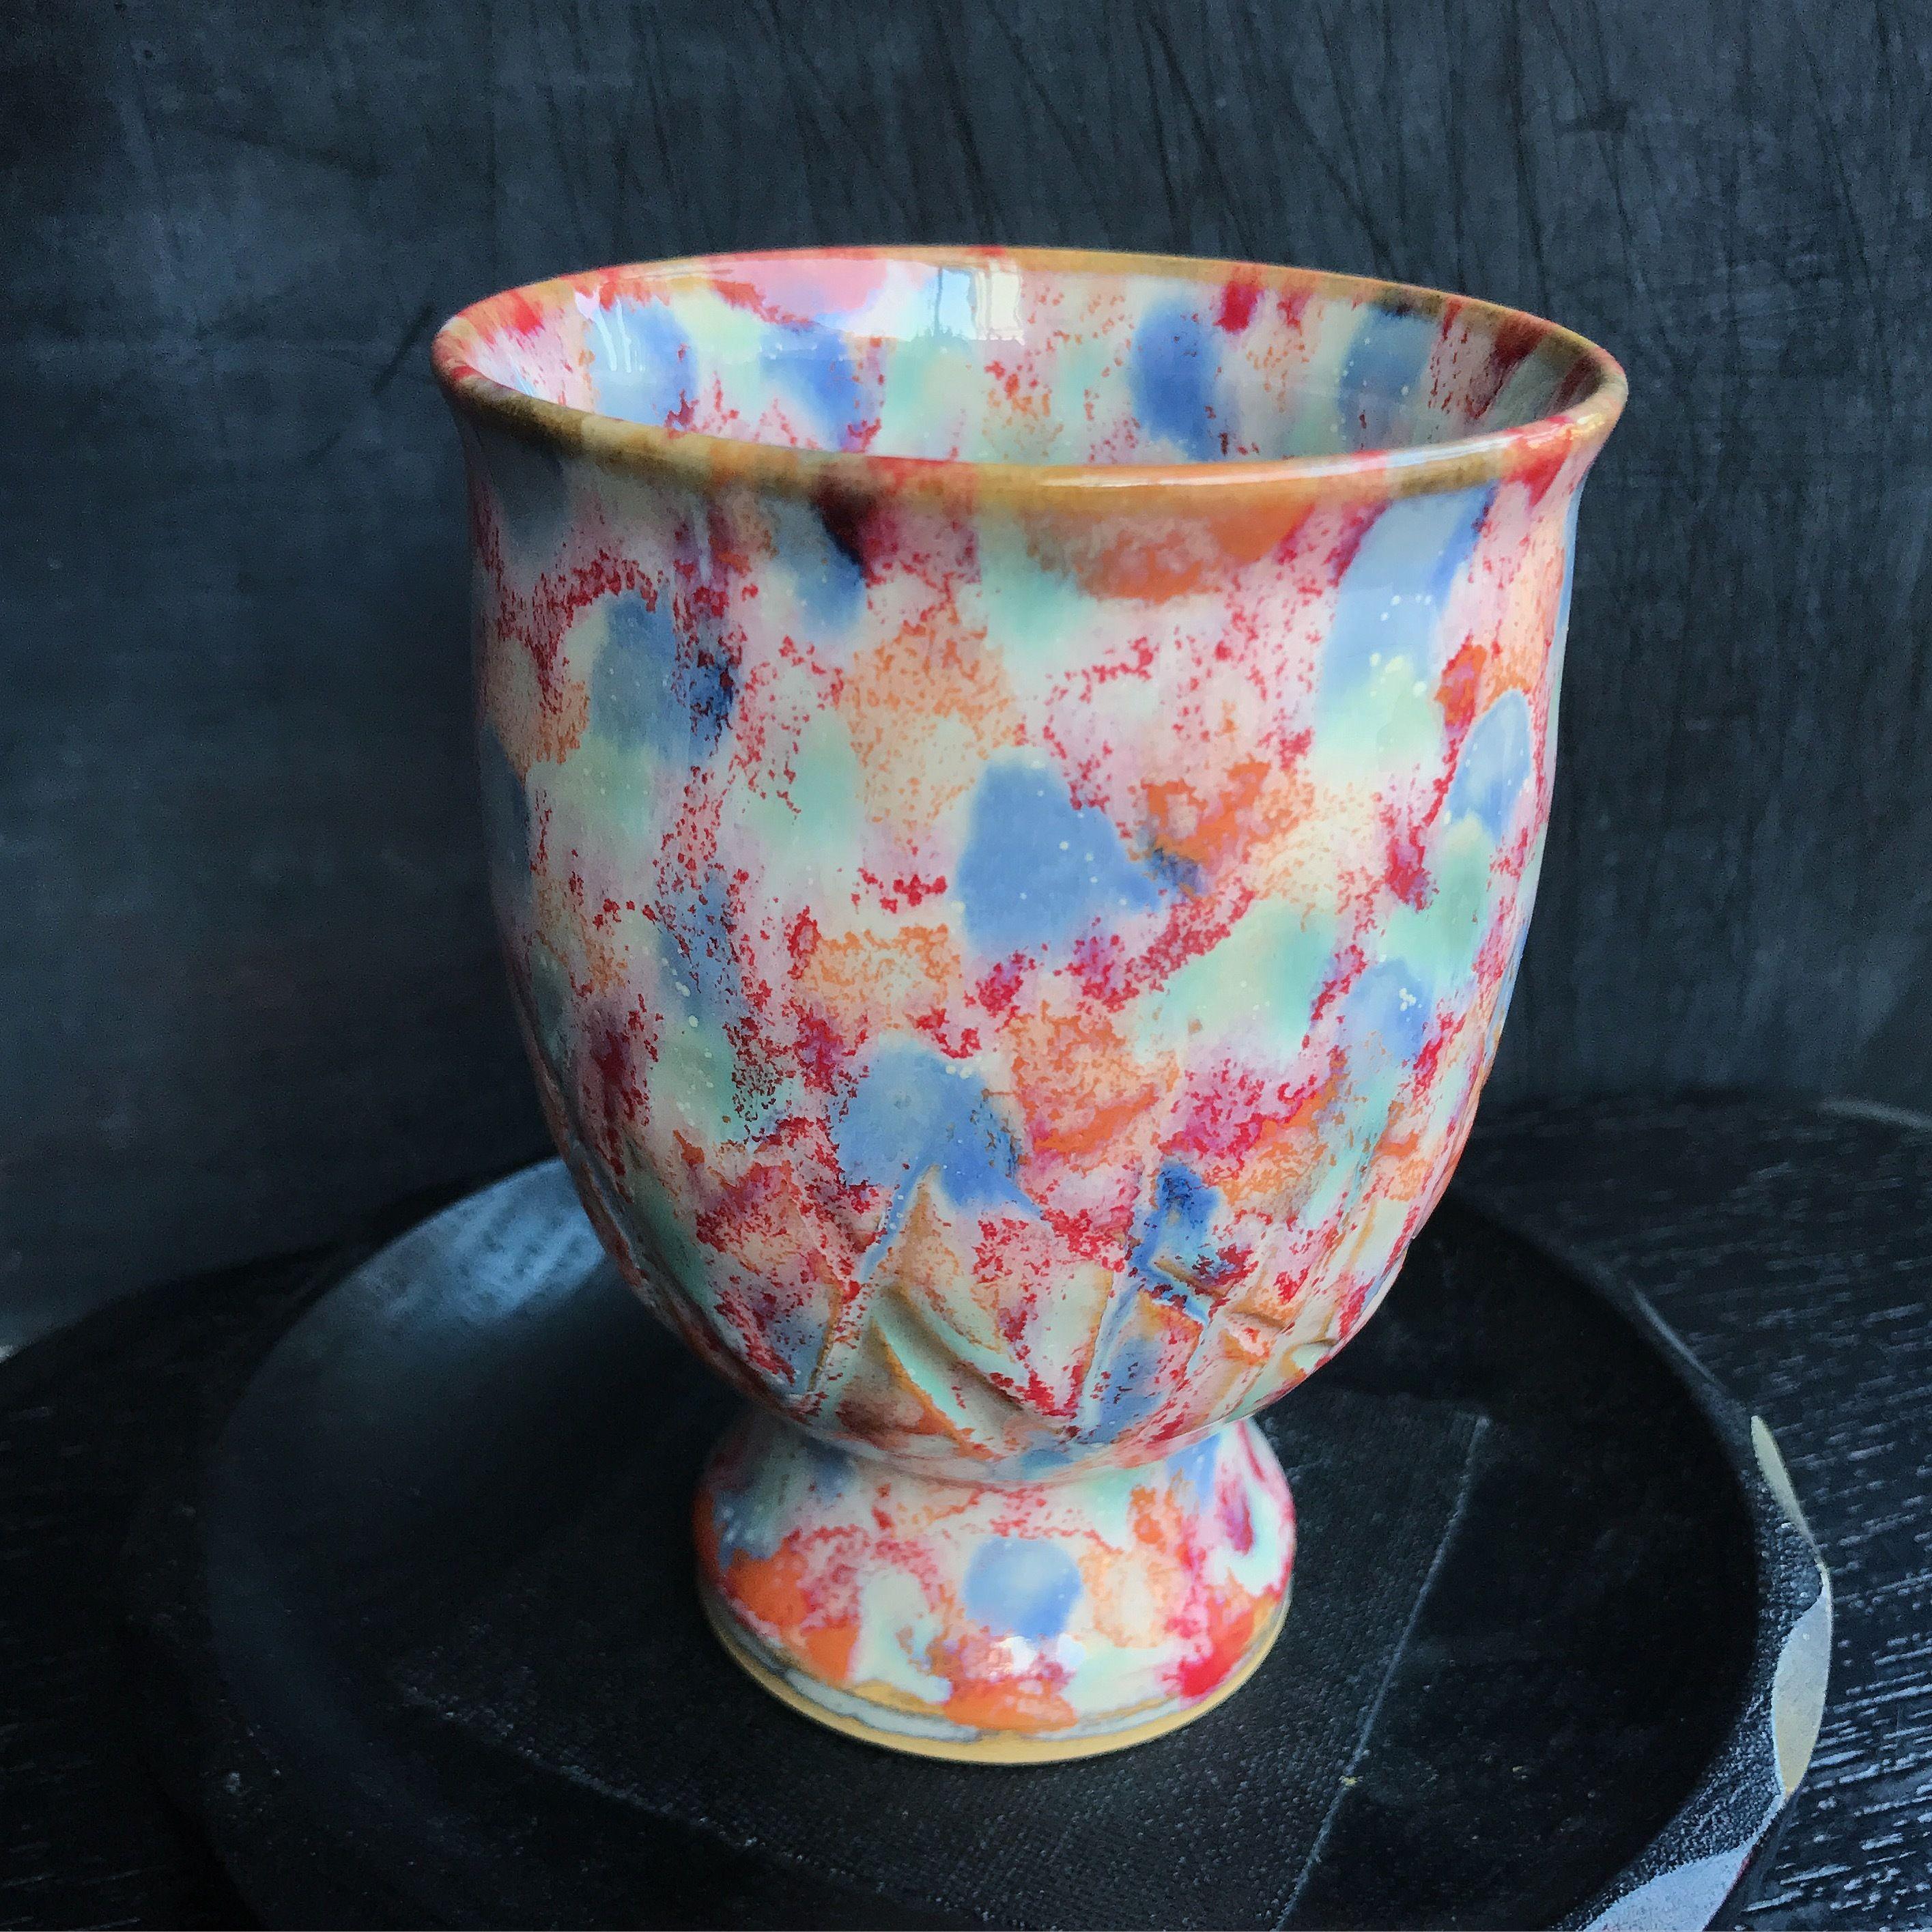 陶器 萩焼 和食器 作家 和モダン カフェ フリーカップ ワイングラス 酒杯 カラフル